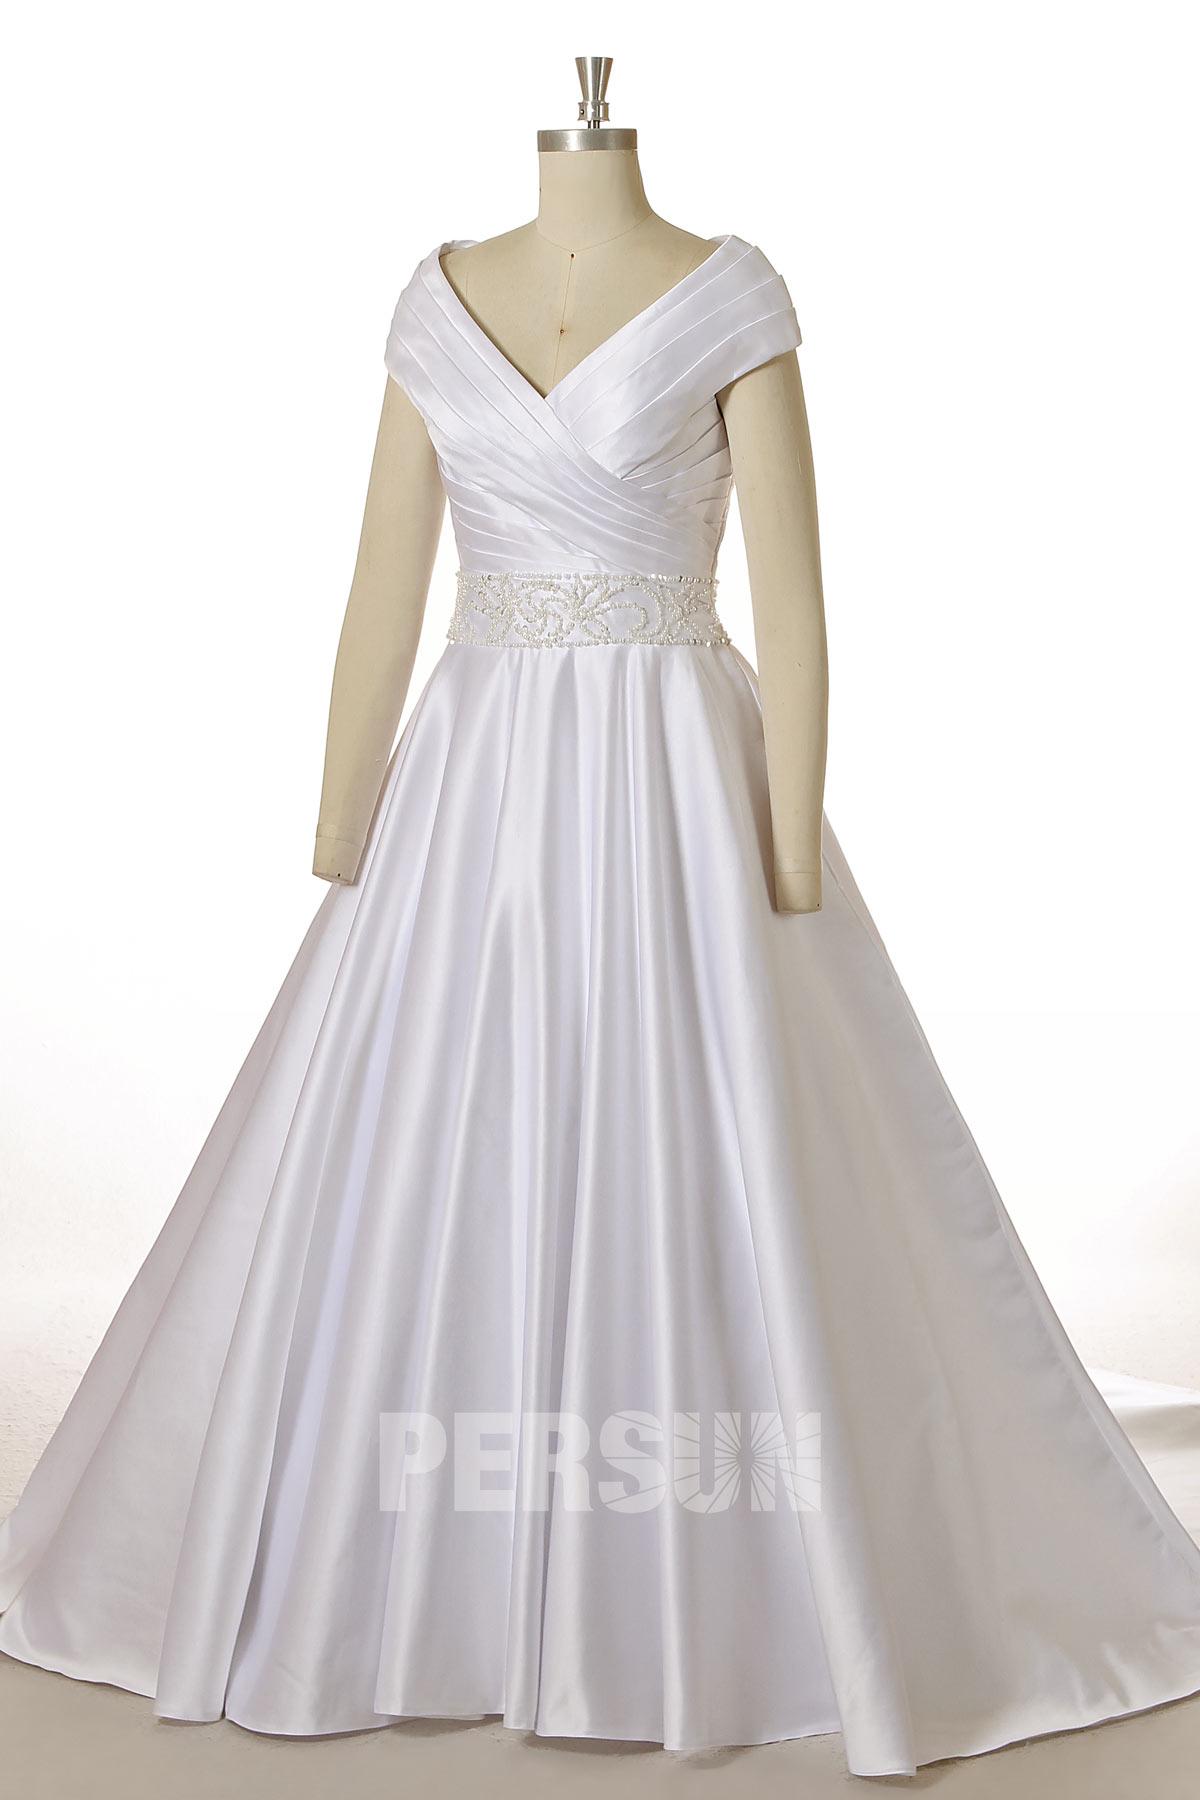 robe de mariée princesse bustier drapé col v taille ornée de bijoux